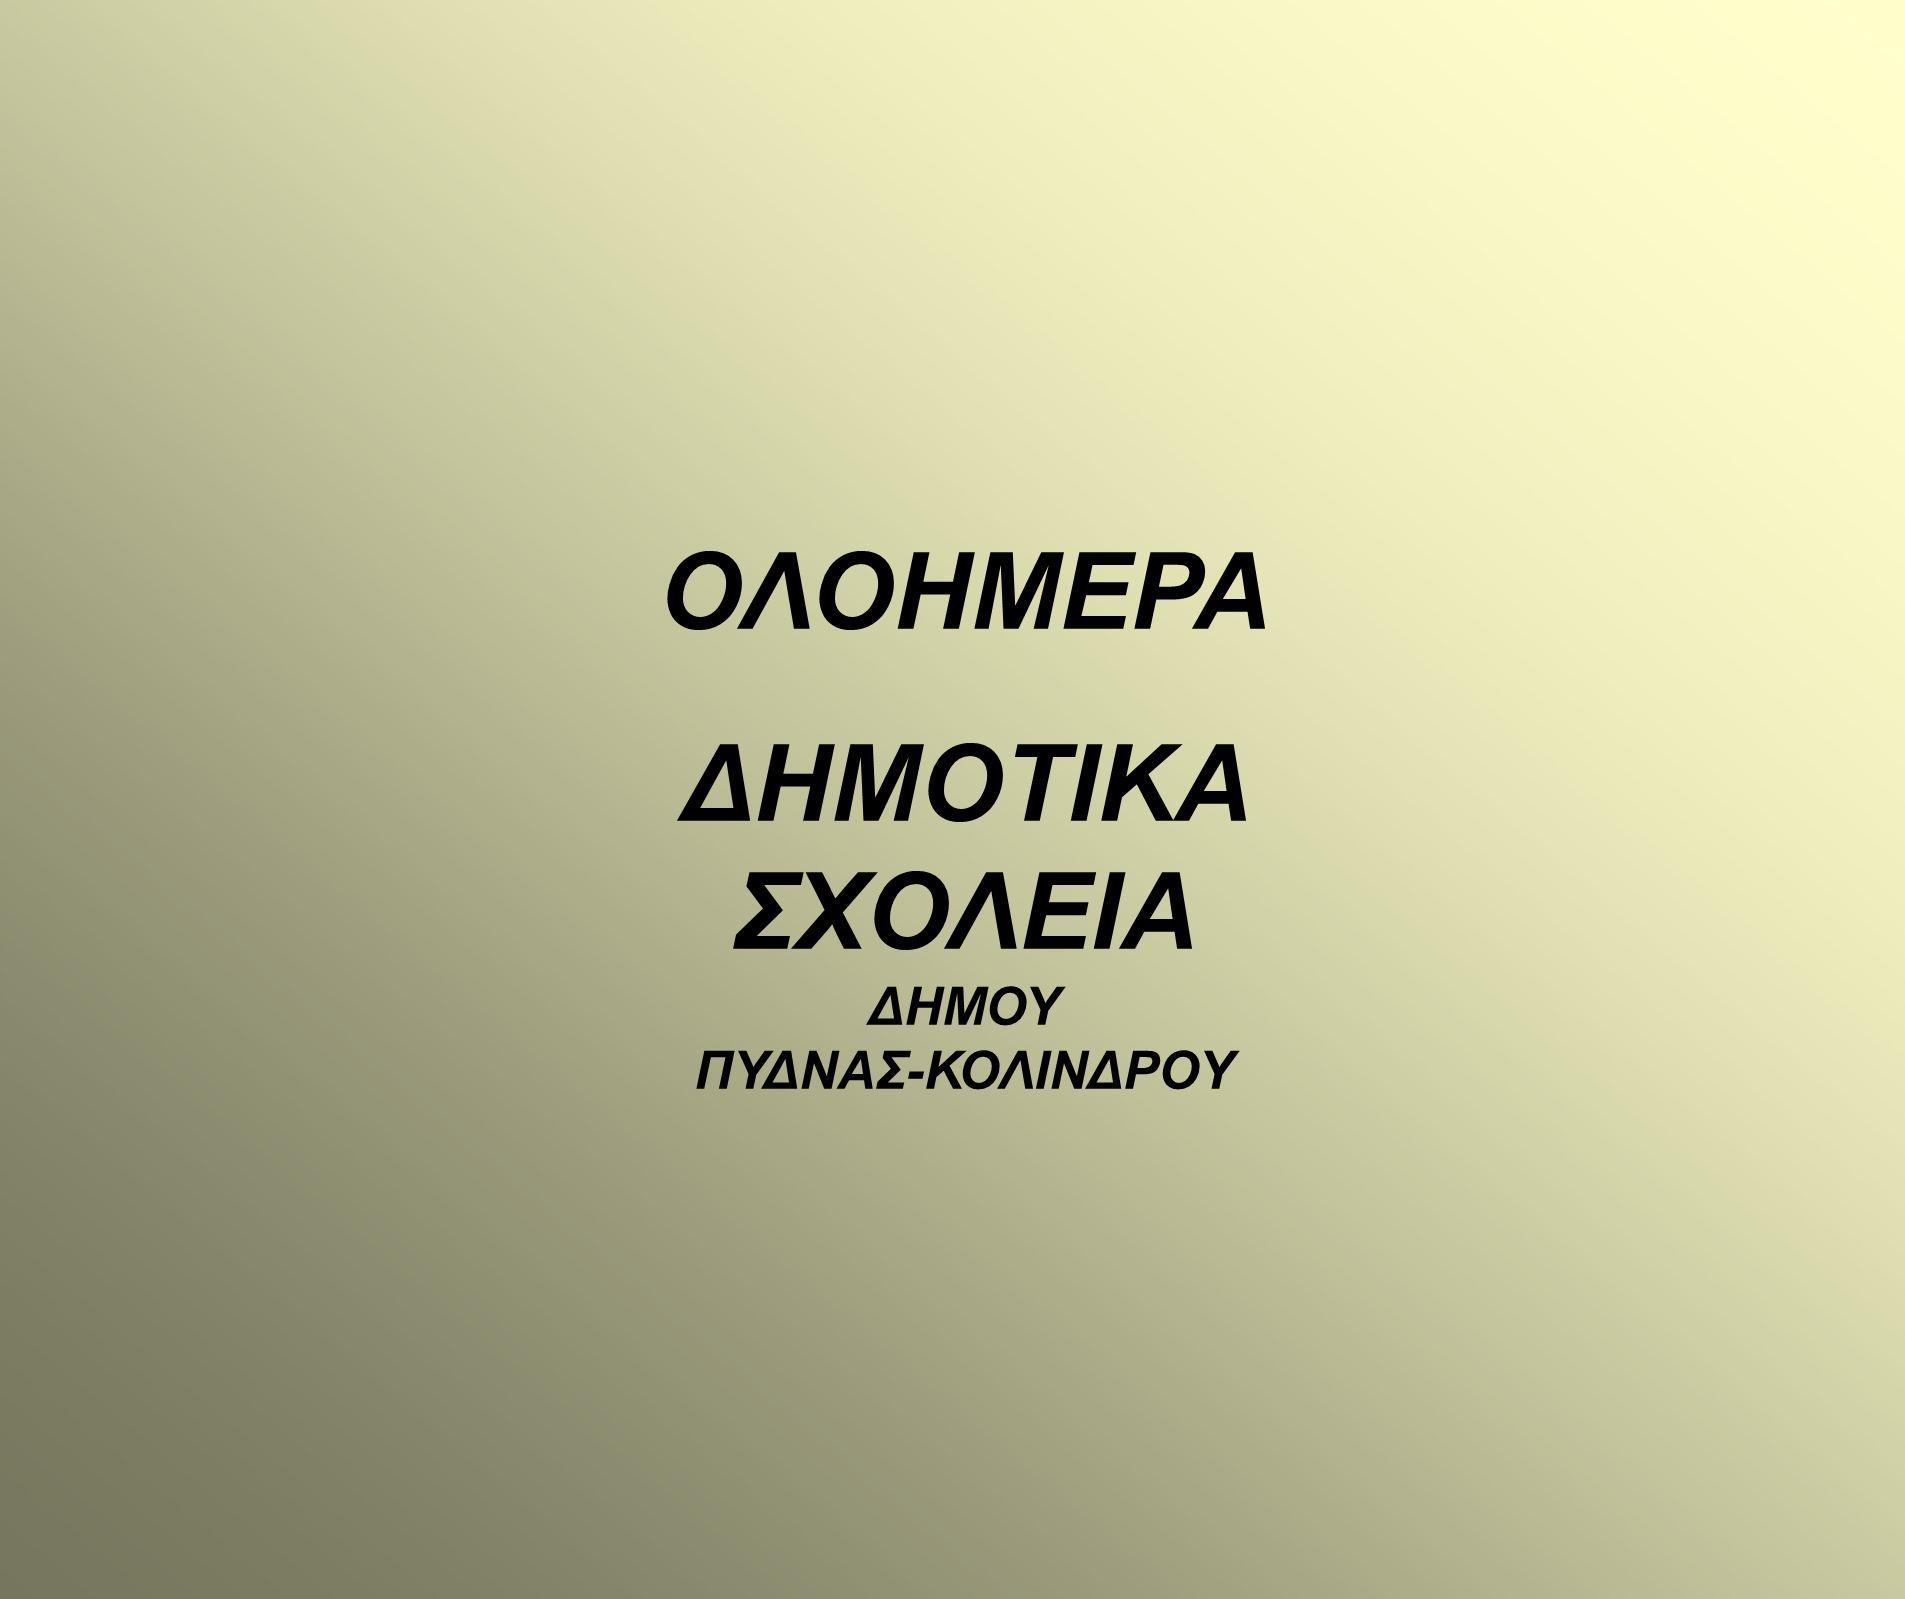 ΣΥΓΚΕΝΤΡΩΤΙΚΑ ΣΤΟΙΧΕΙΑ ΟΛΟΗΜΕΡΩΝ ΔΗΜΟΤΙΚΩΝ ΣΧΟΛΕΙΩΝ ΕΝΙΑΙΟΥ ΑΝΑΜΟΡΦΩΜΕΝΟΥ ΕΚΠΑΙΔΕΥΤΙΚΟΥ ΠΡΟΓΡΑΜΜΑΤΟΣ (ΕΑΕΠ) ΤΗΣ Π.Ε. Ν.ΠΙΕΡΙΑΣ ΟΛΟΗΜΕΡΑ ΔΗΜΟΤΙΚΑ ΣΧΟΛΕ